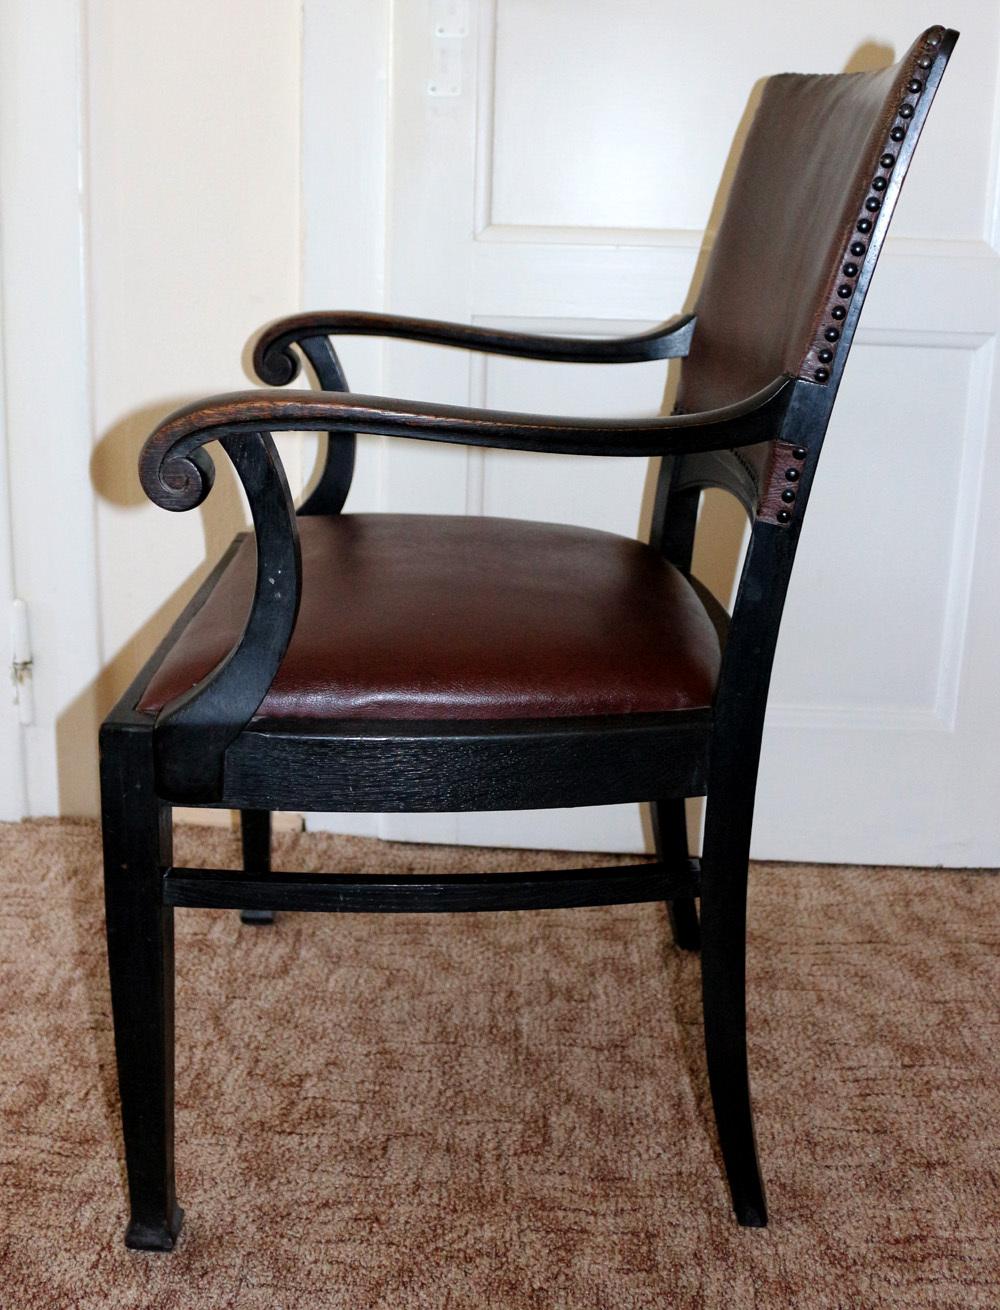 alte antike esszimmerst hle st hle armlehnstuhl jugendstil schwarz braun leder. Black Bedroom Furniture Sets. Home Design Ideas